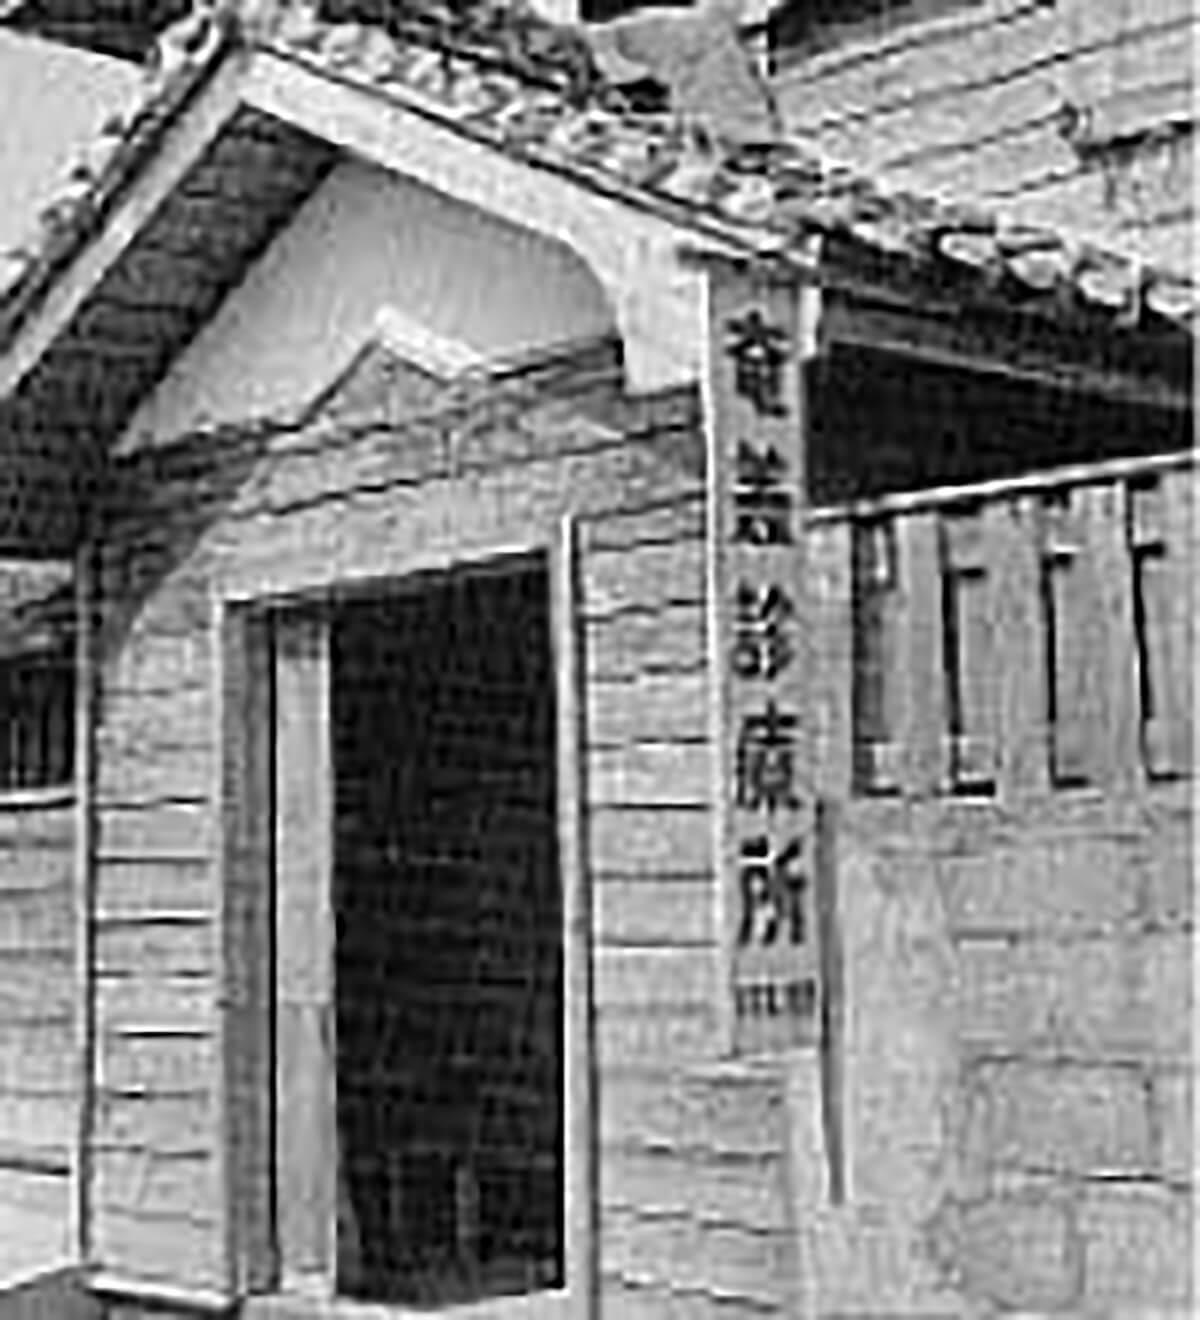 奄美から生まれた「鹿児島民医連」